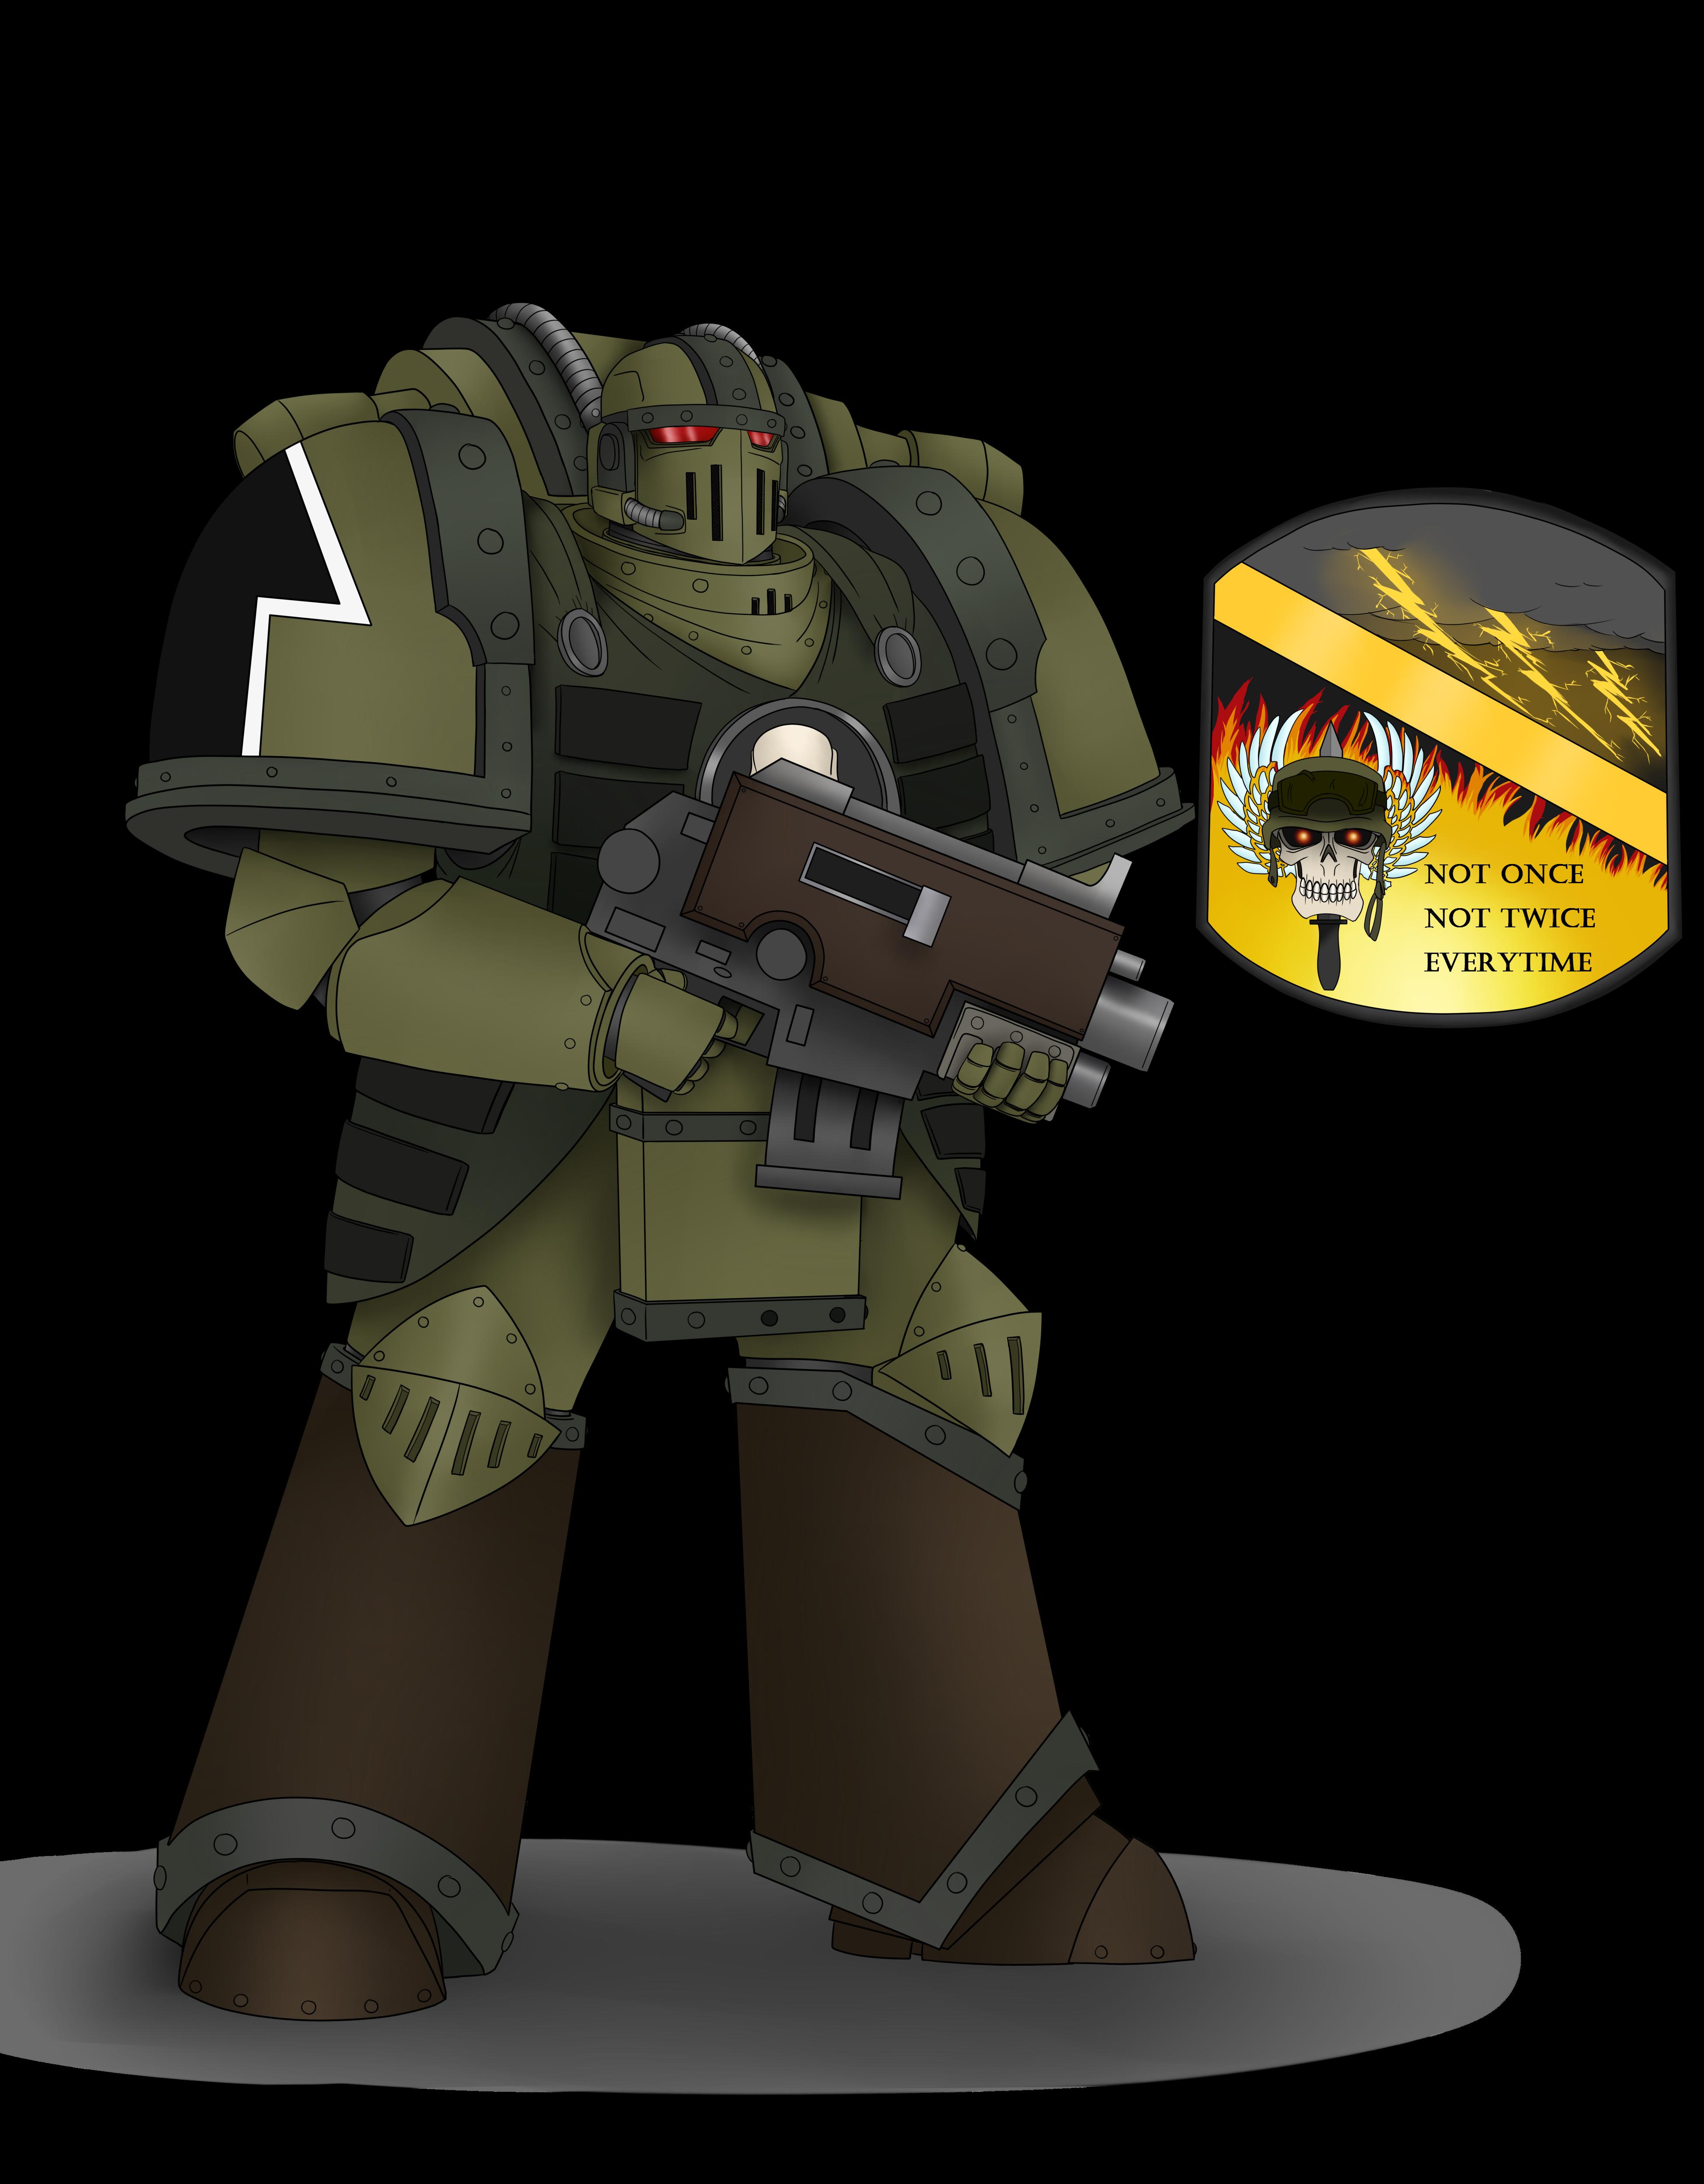 II Legion Concept